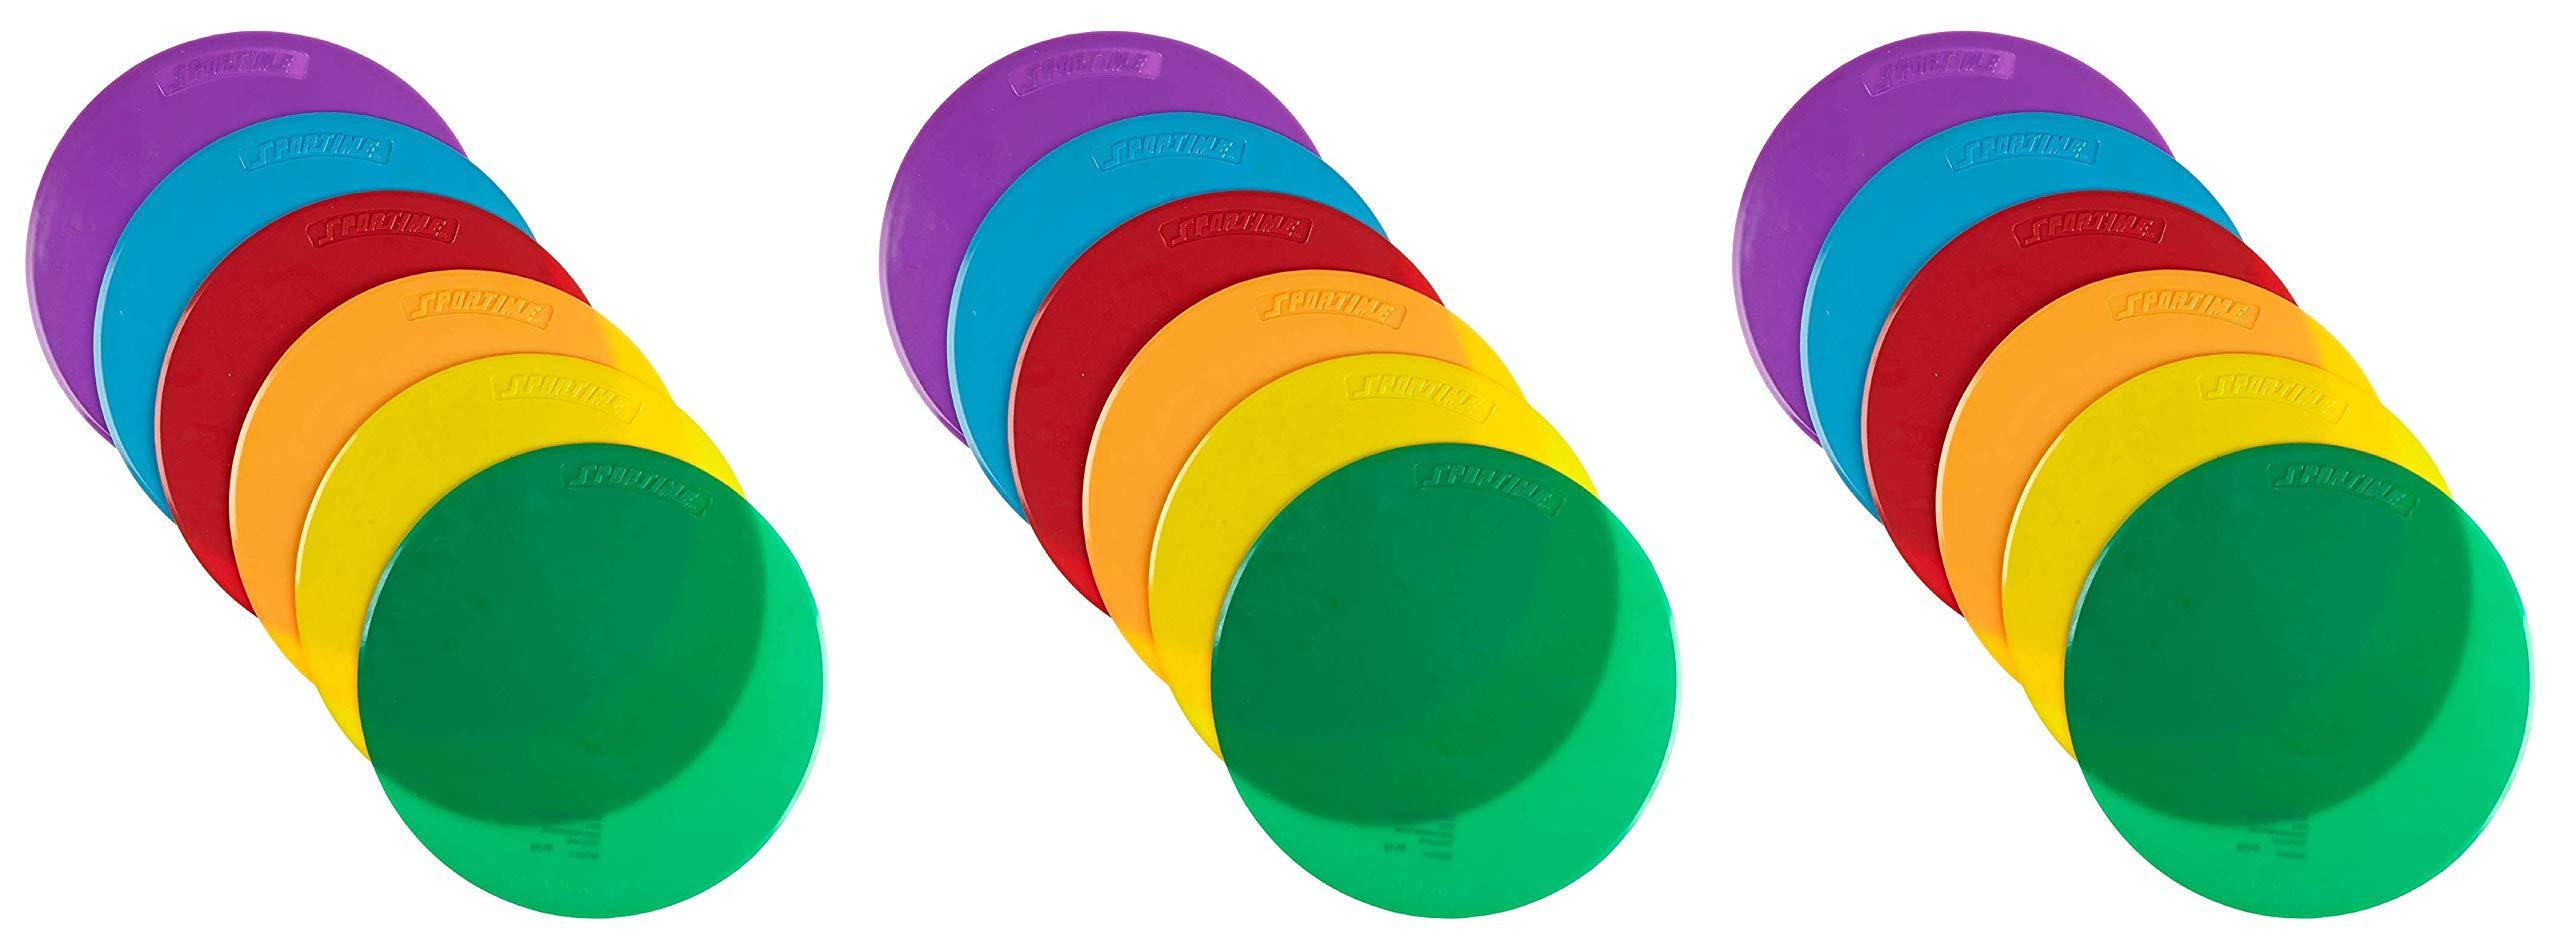 School Smart Spot Markers - 10 Diameter - Set of 6 - Assorted Colors (Тhrее Расk)